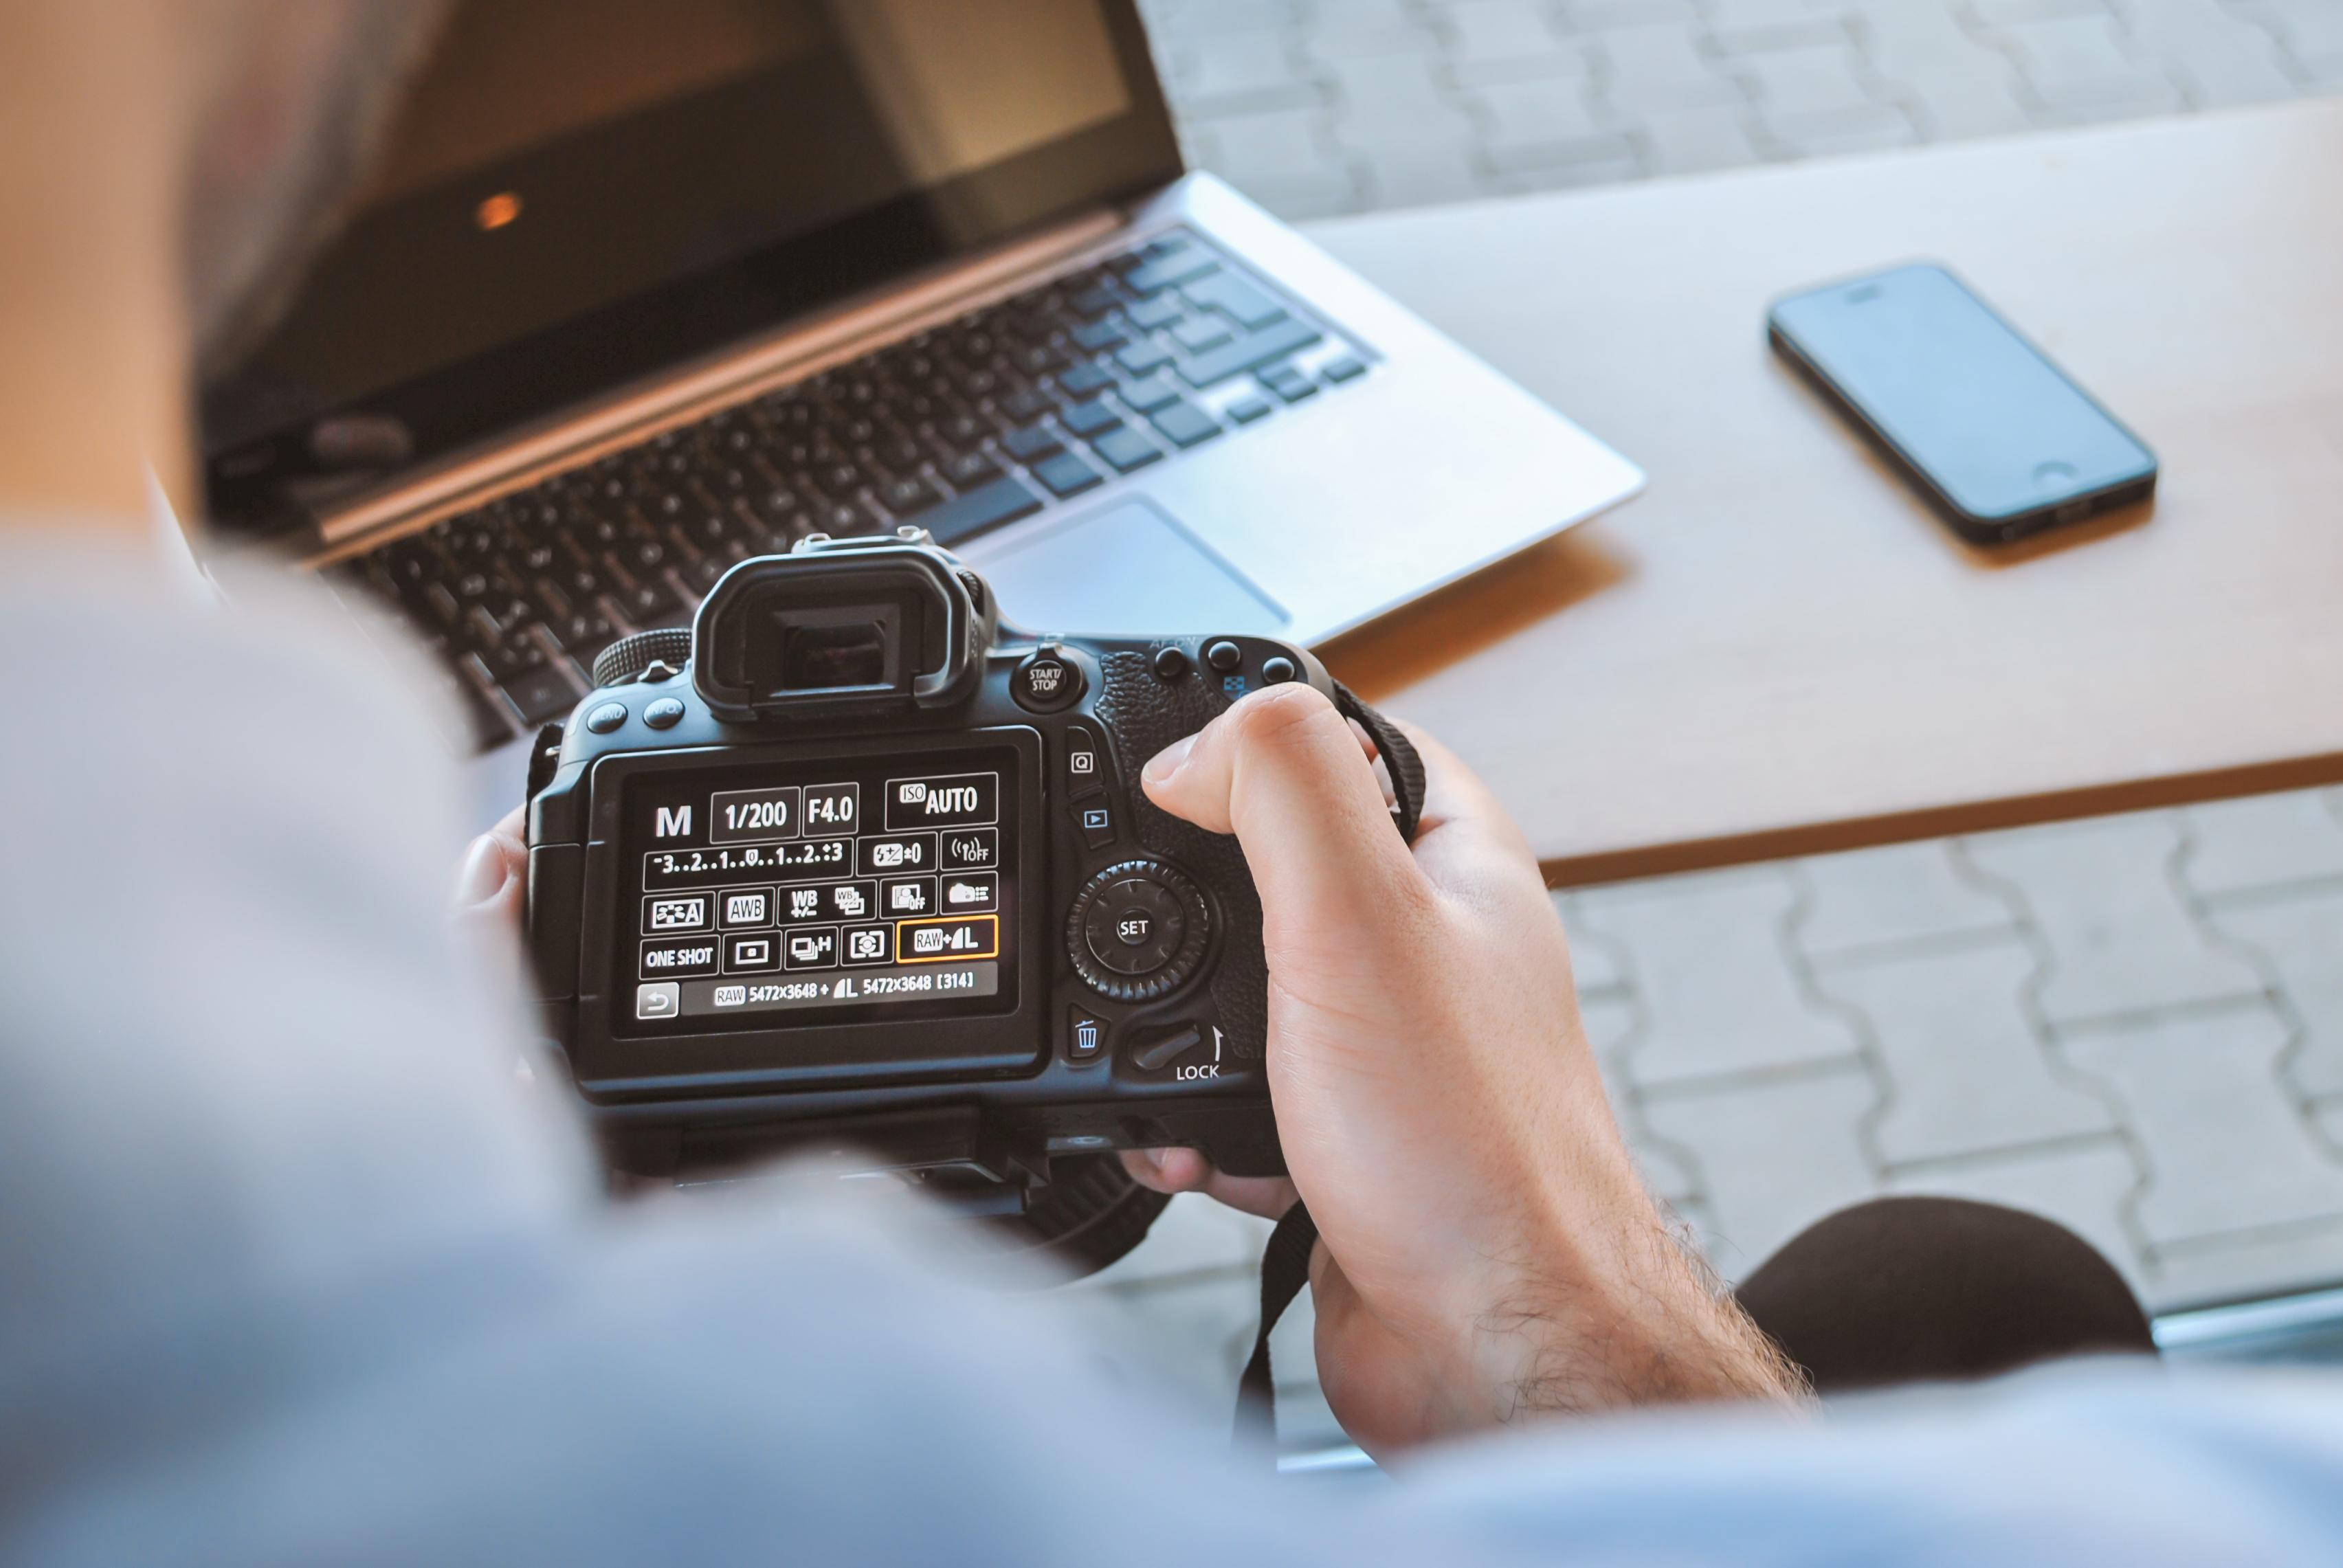 Картинка ноутбук с камерой